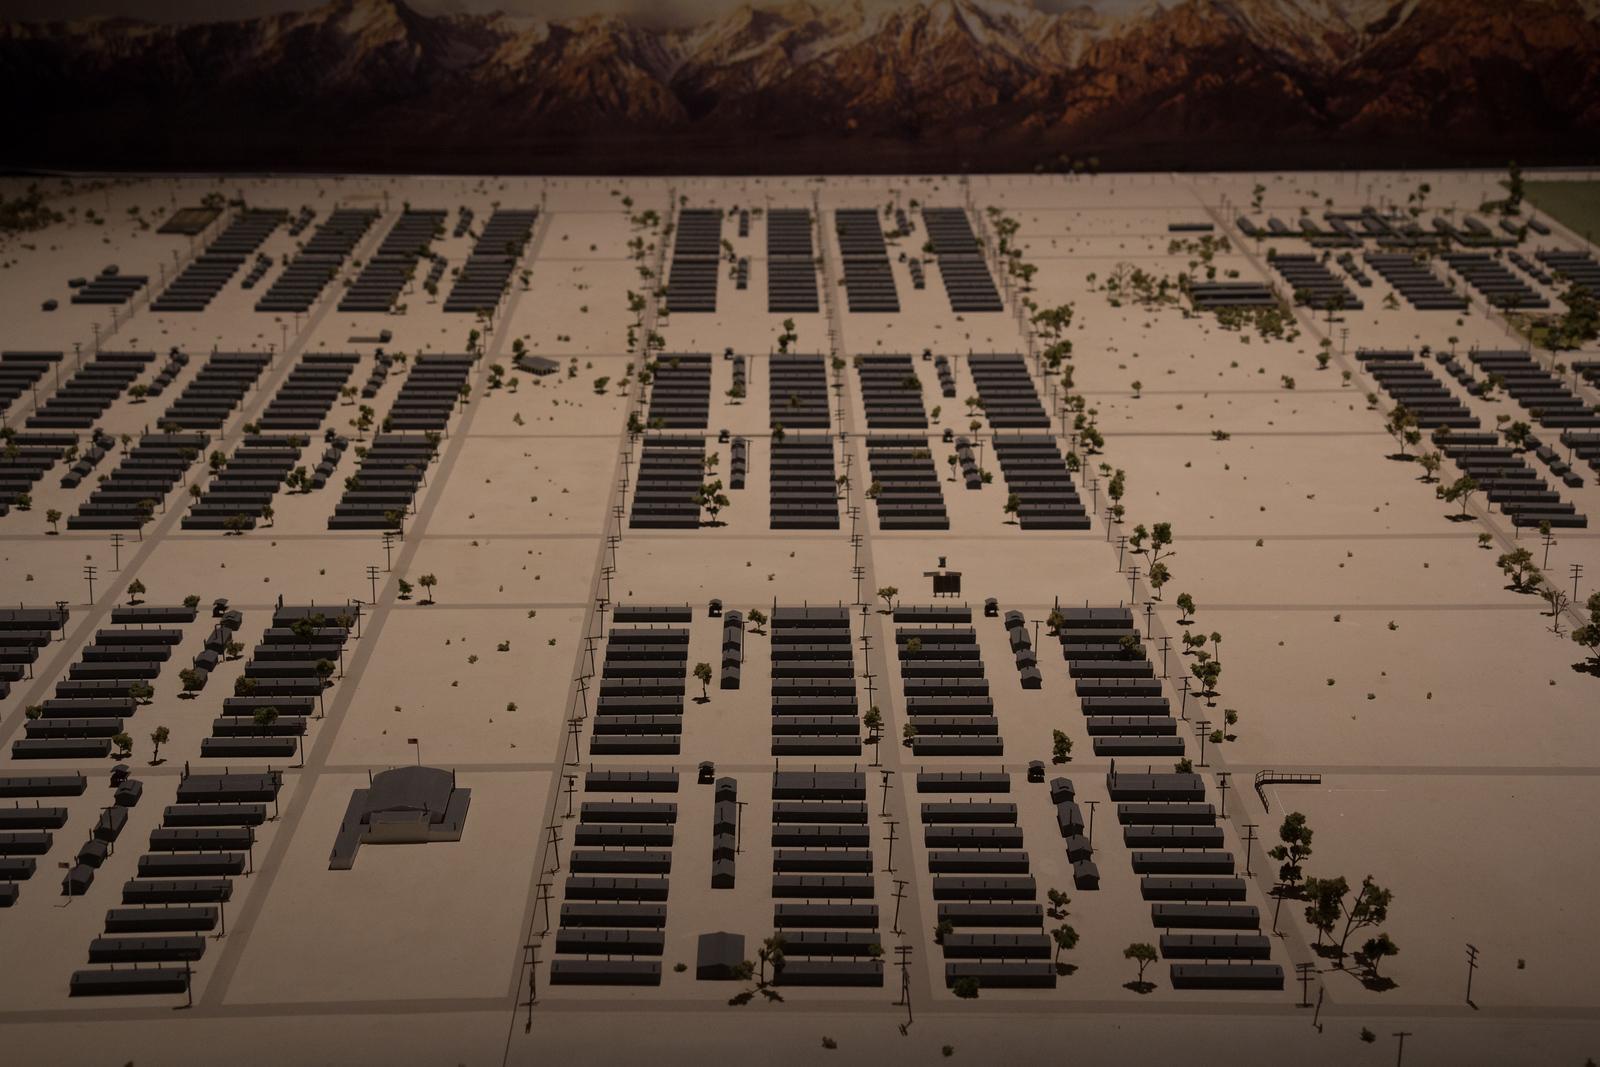 Manzanar layout